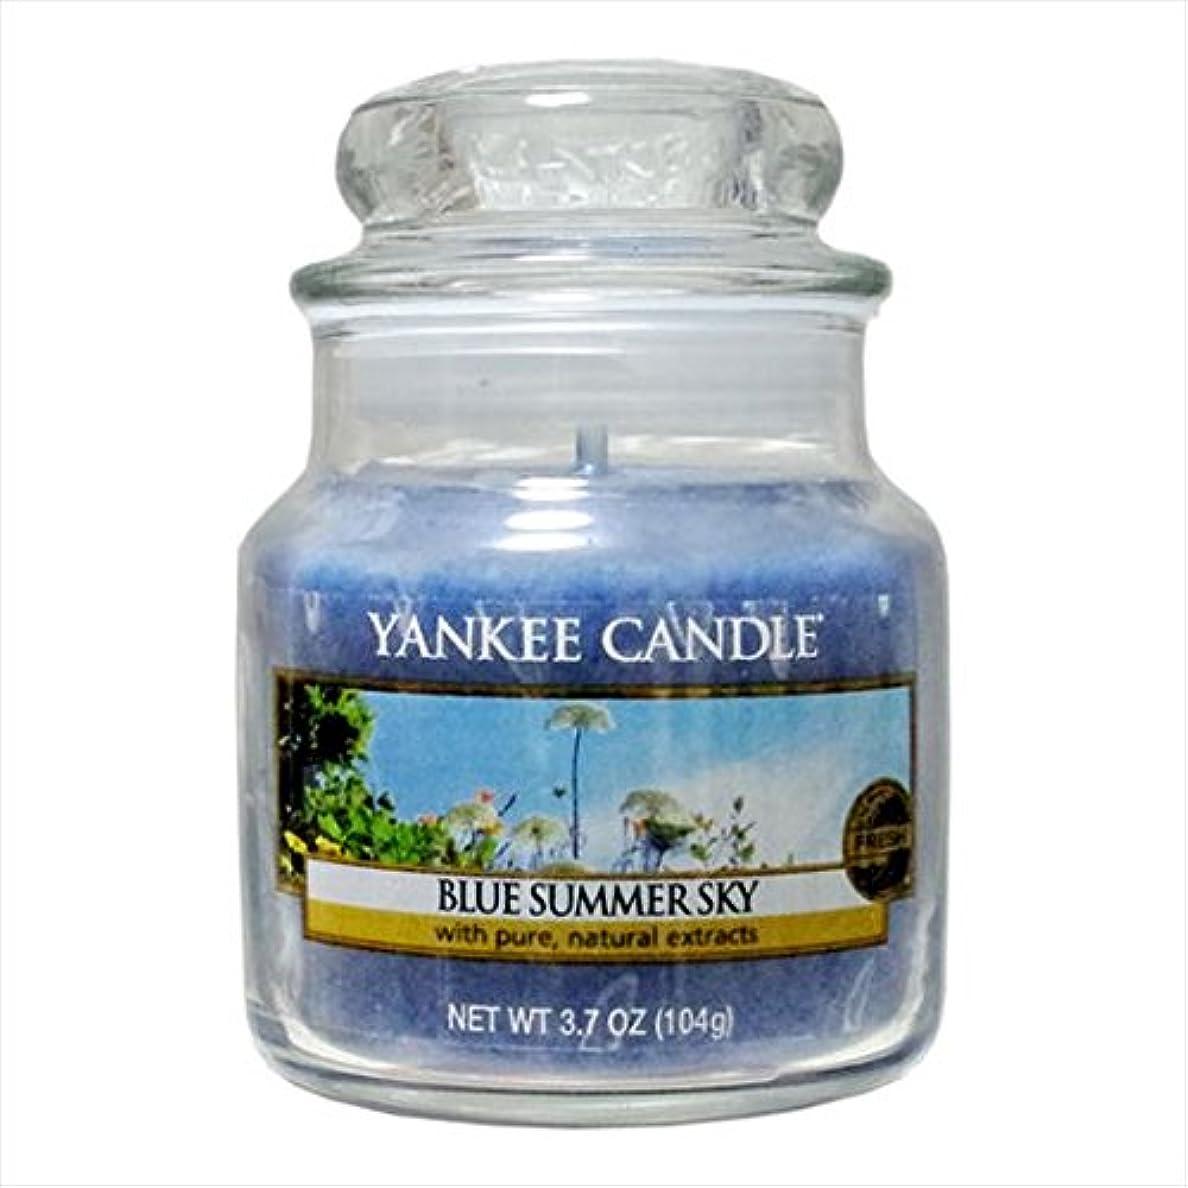 高架ちょうつがいイサカヤンキーキャンドル(YANKEE CANDLE) YANKEE CANDLEジャーS 「 ブルーサマースカイ 」